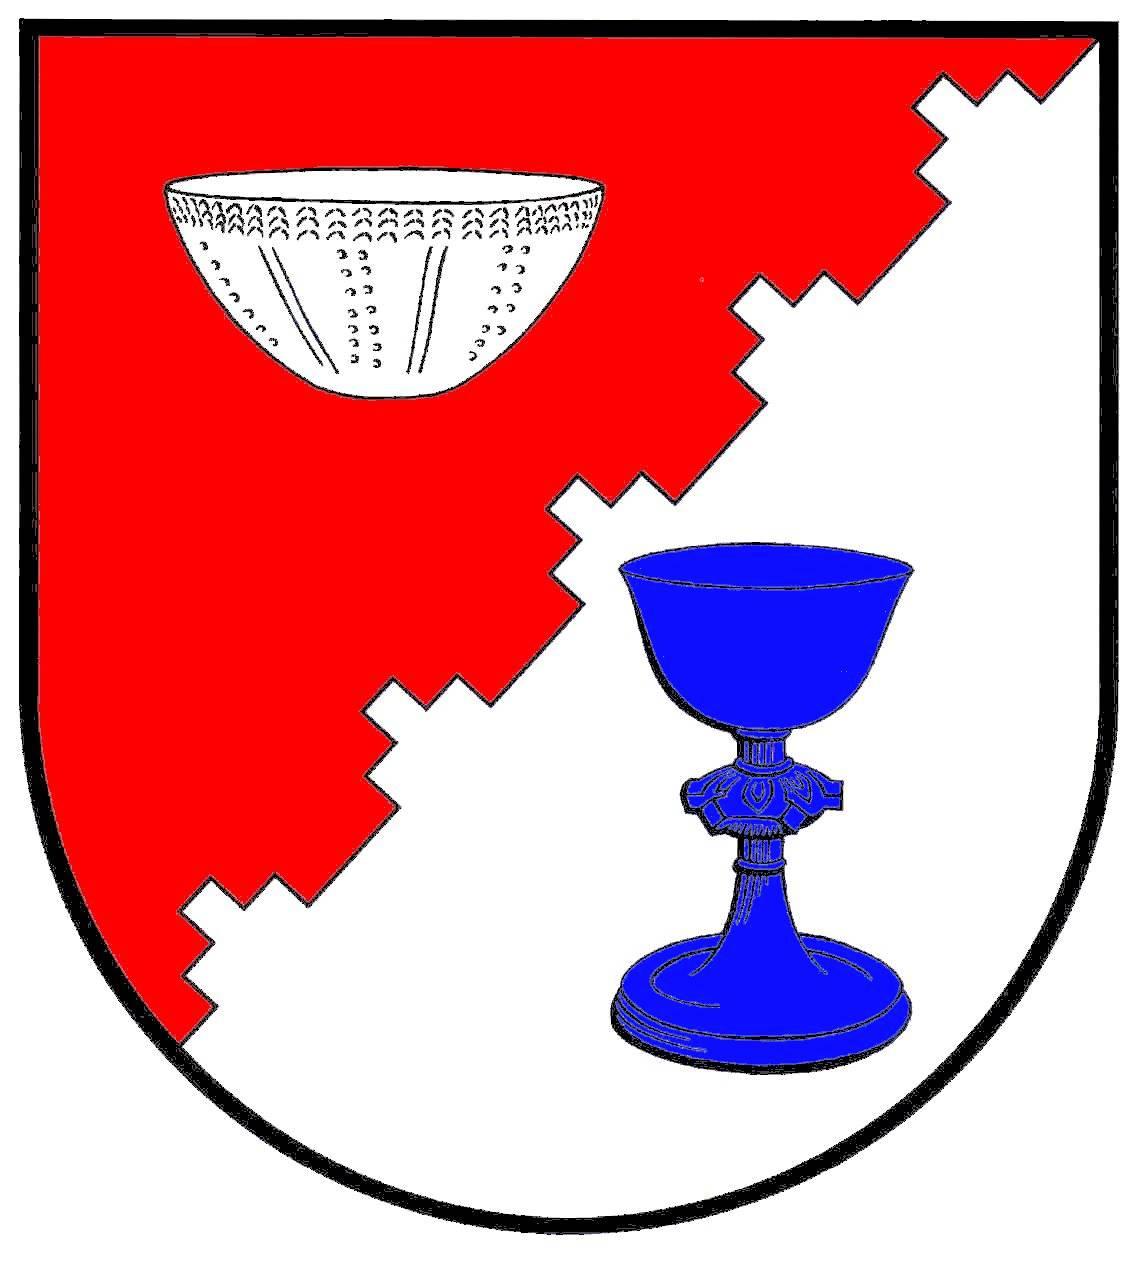 Wappen GemeindeBovenau, Kreis Rendsburg-Eckernförde